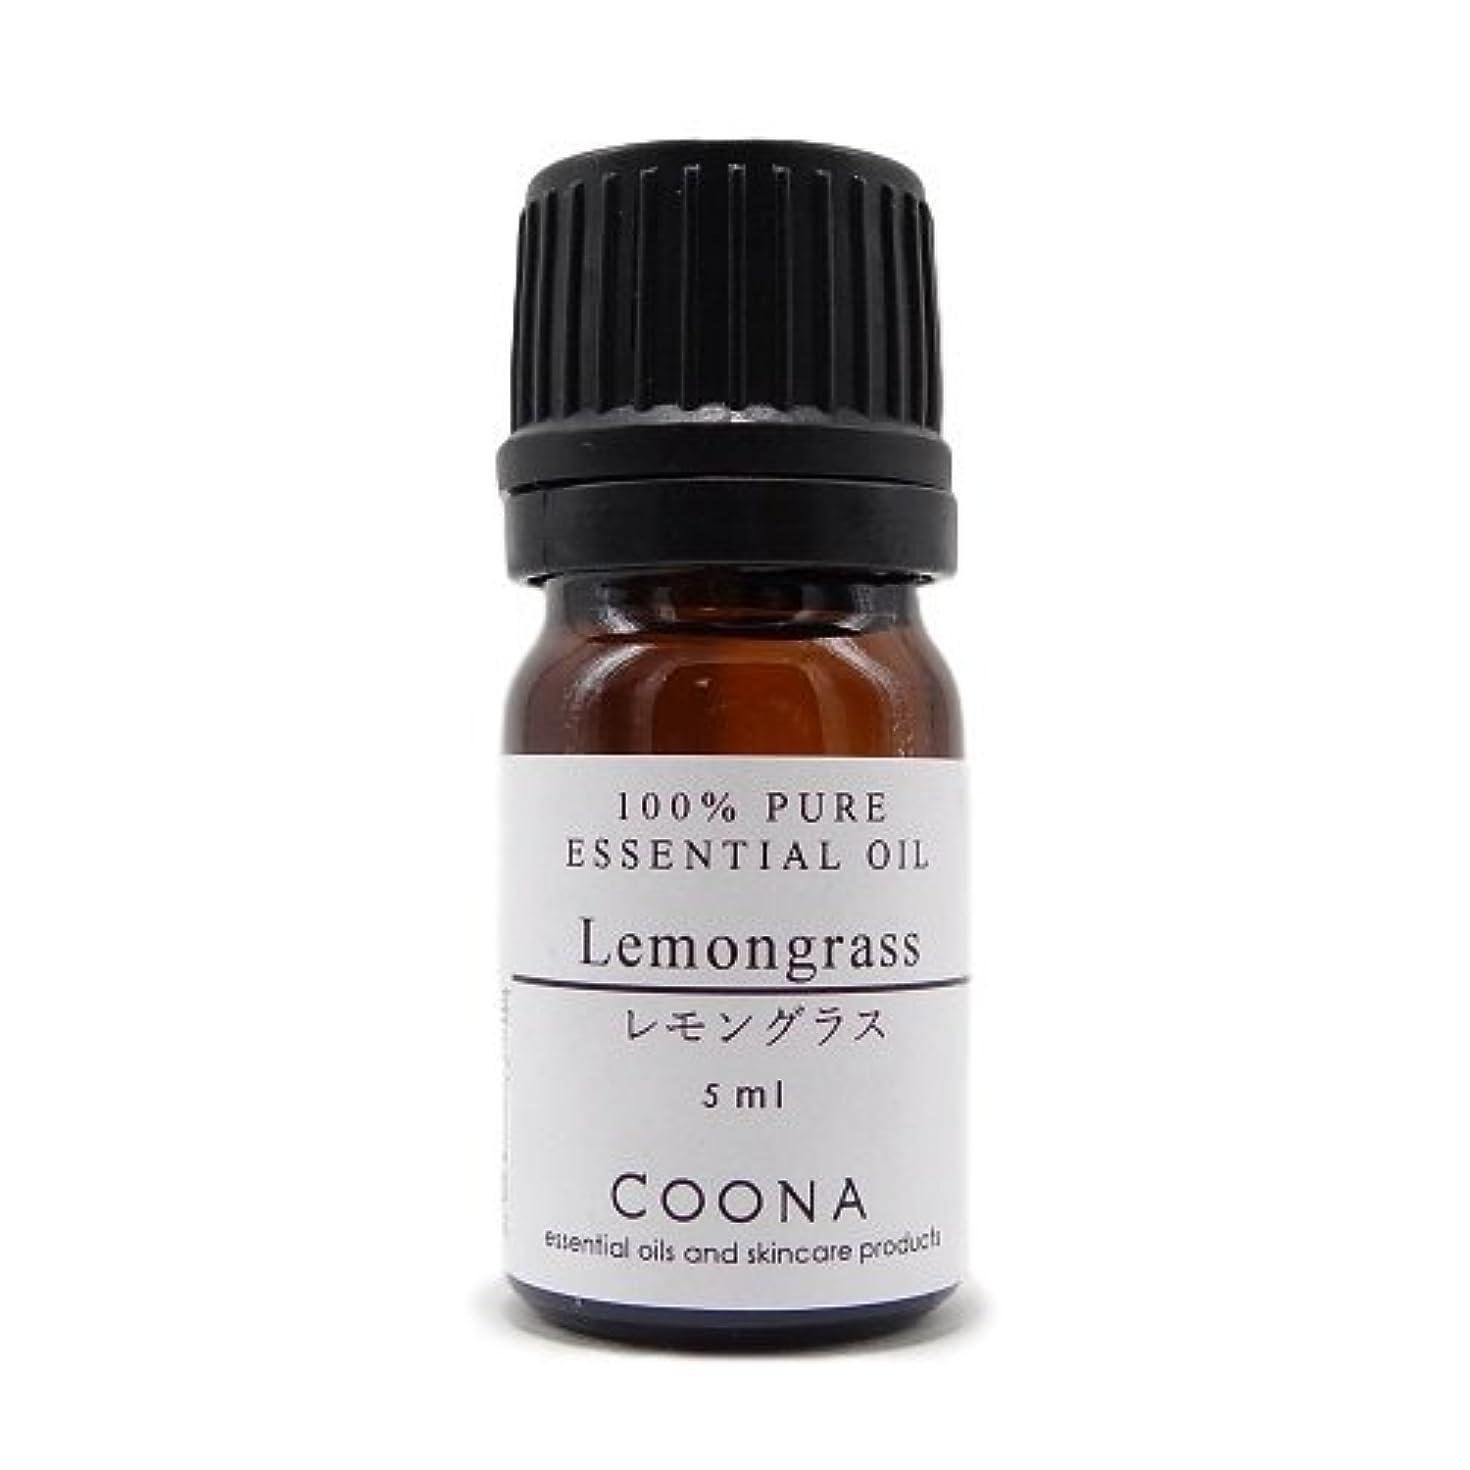 復活させる消防士地図レモングラス 5ml (COONA エッセンシャルオイル アロマオイル 100%天然植物精油)